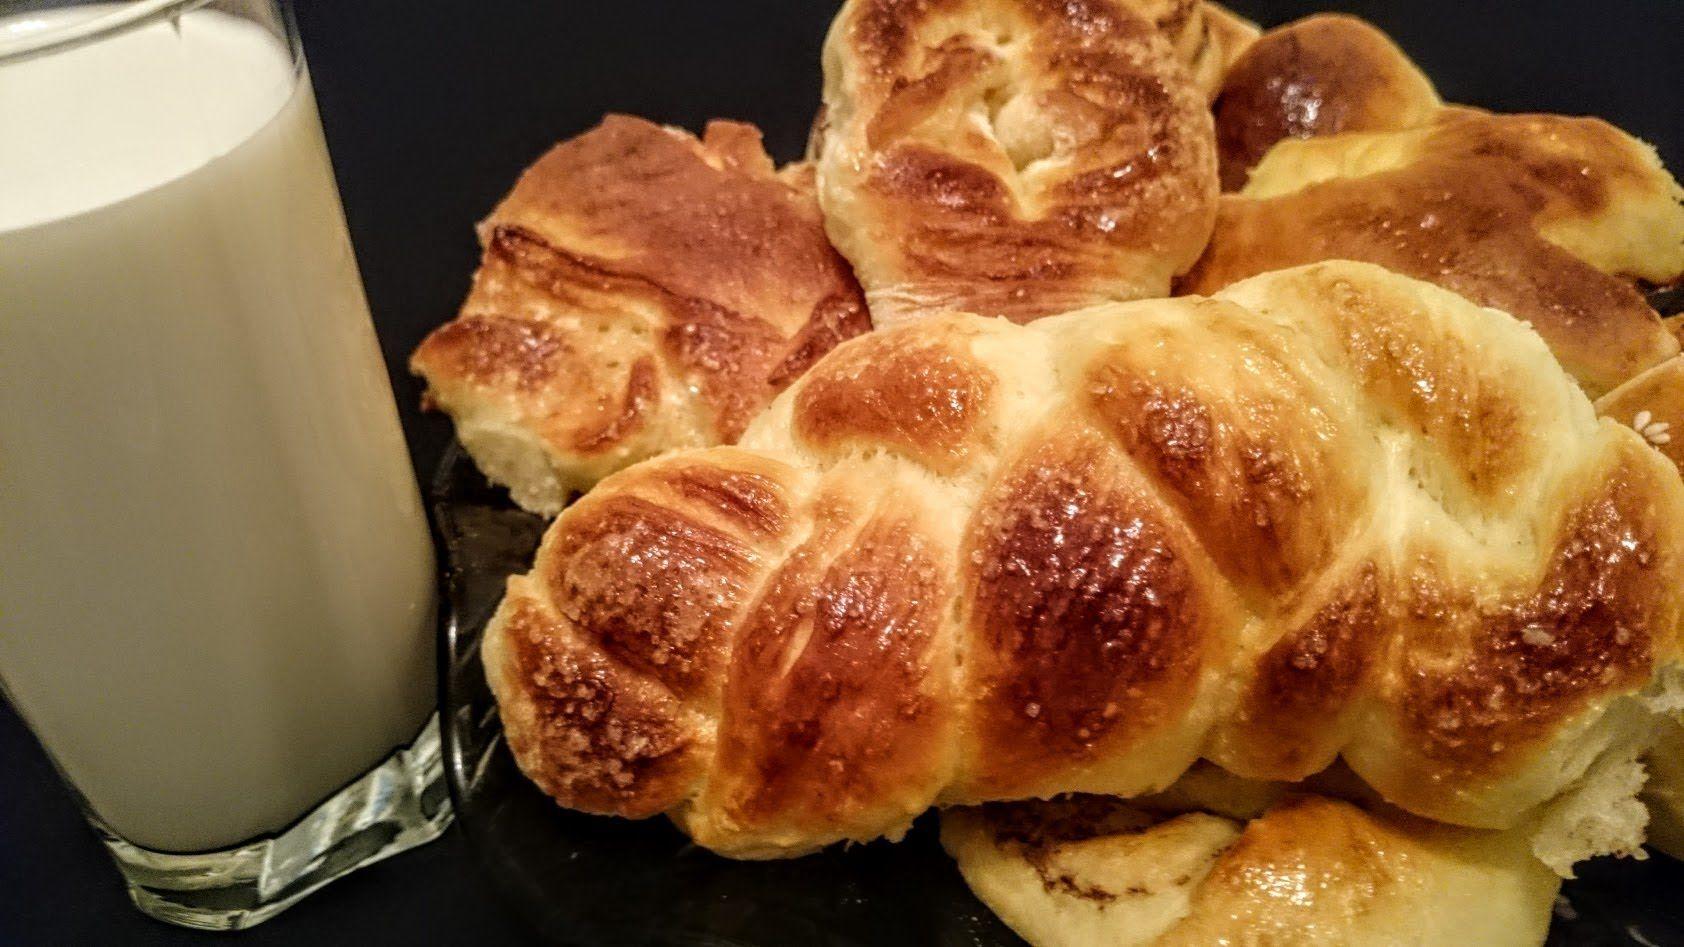 булочки сдобные домашние сладкие рецепт с фото ола большой